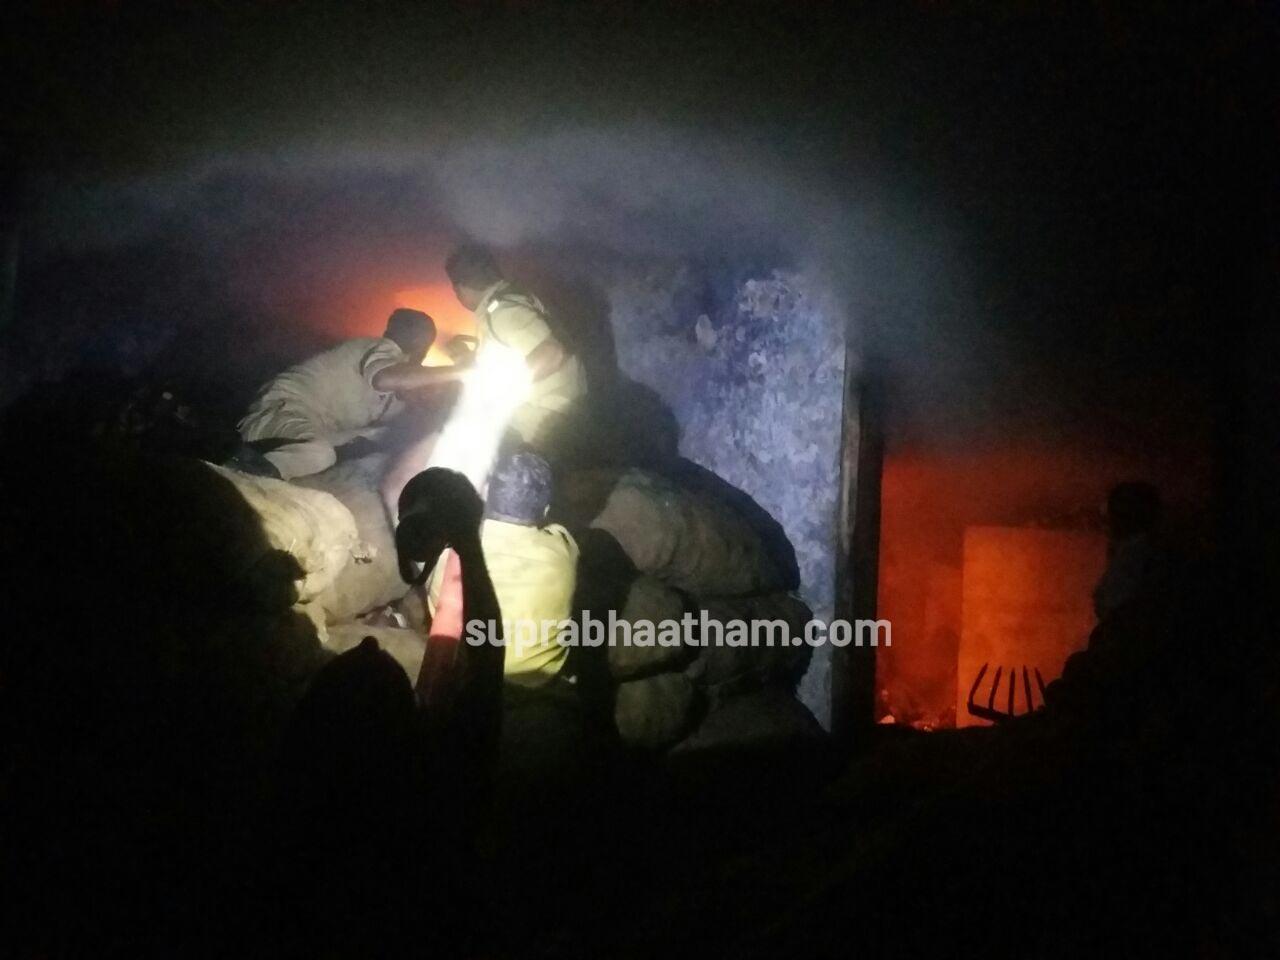 കോടതിക്കു സമീപത്തെ കൊപ്ര ബസാറില് തീ പിടിച്ചപ്പോള്